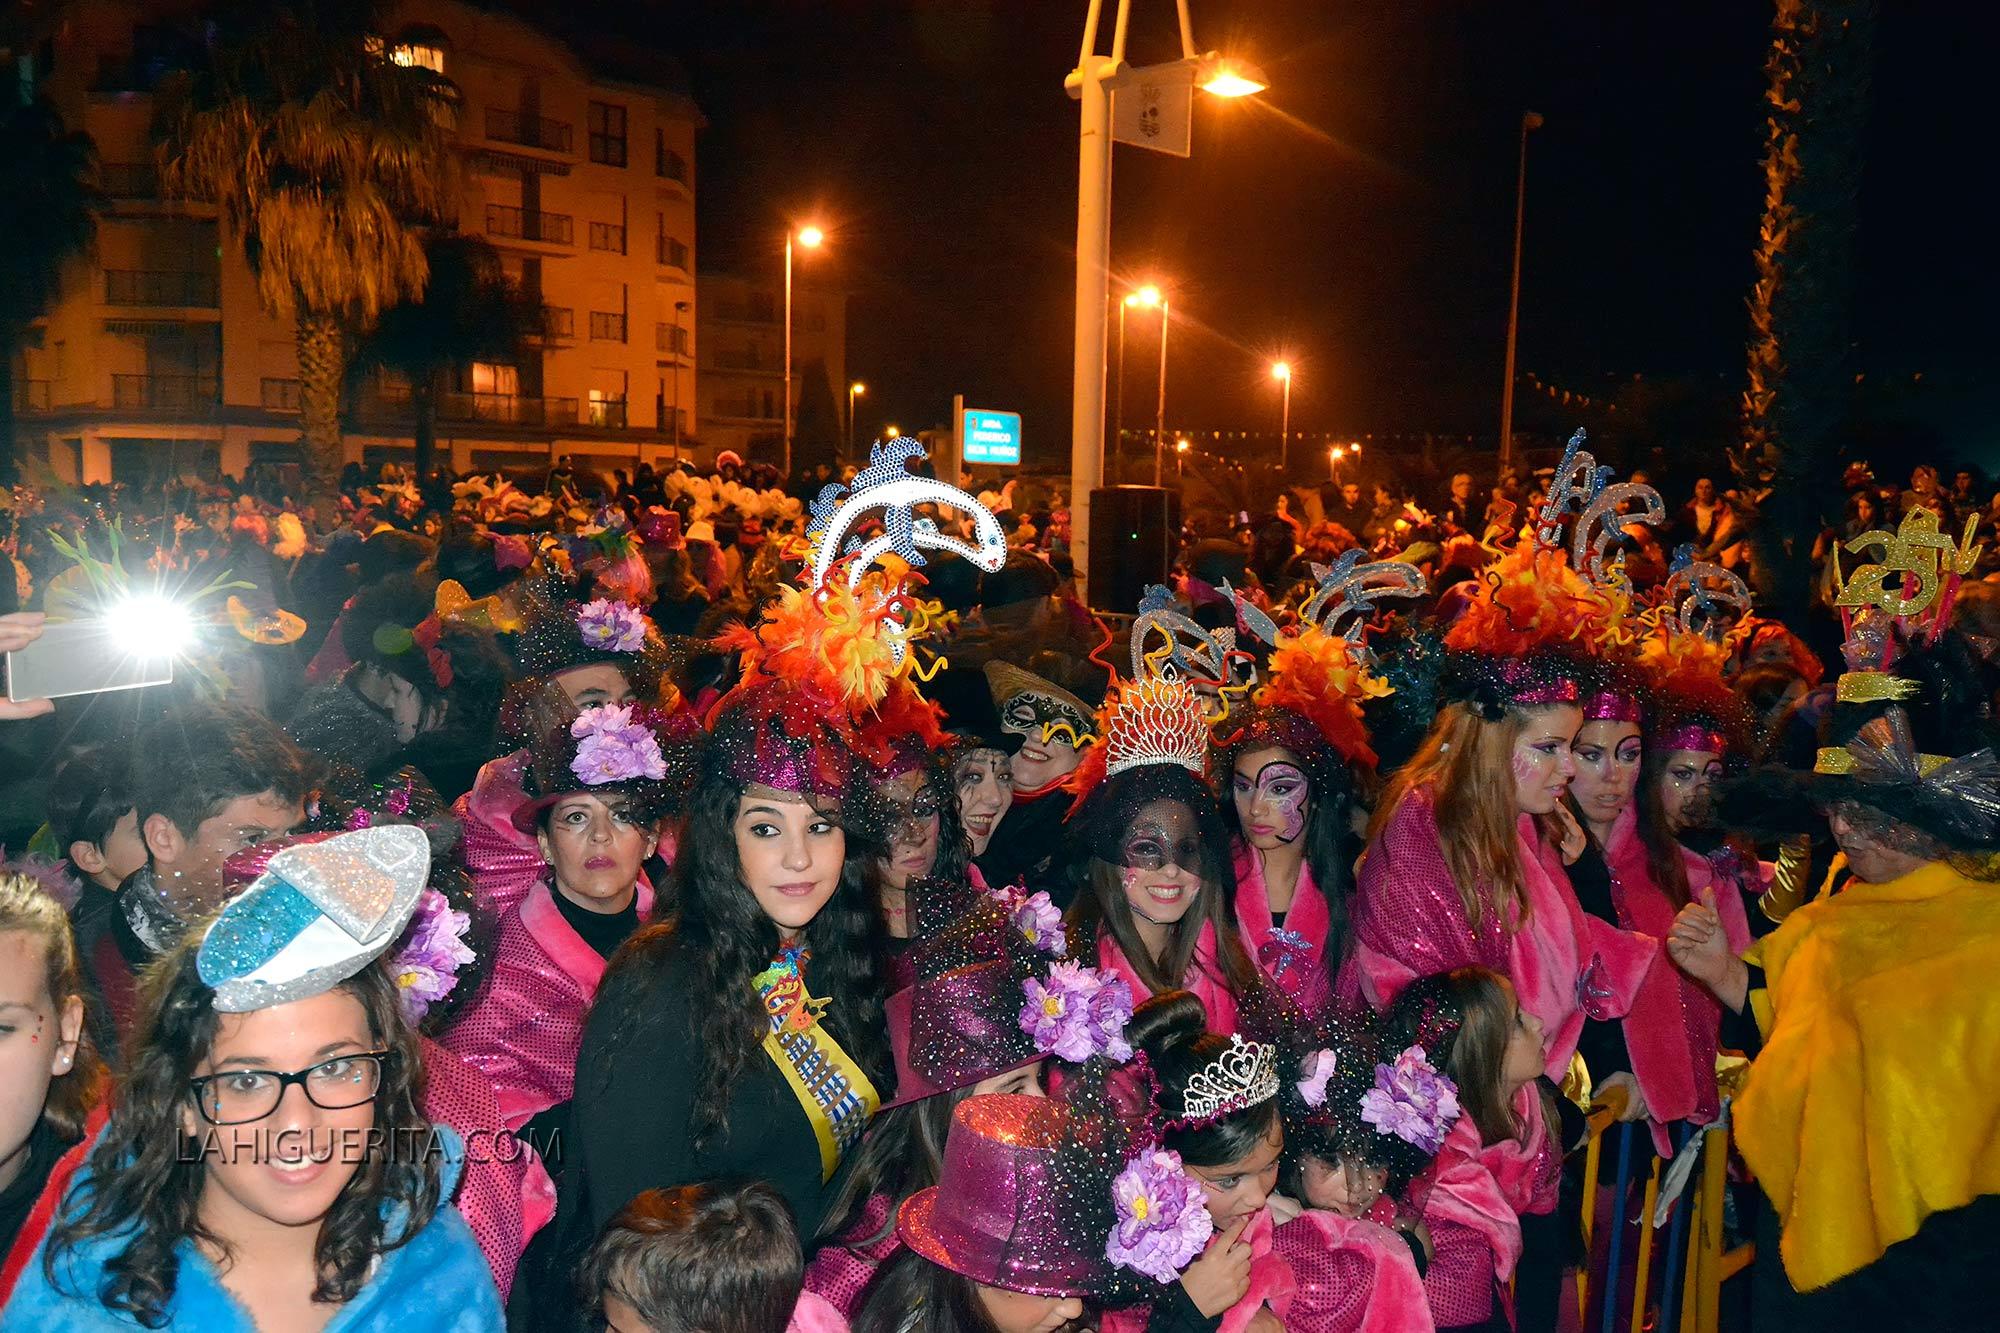 Entierro de la sardina carnaval isla cristina _DSC2369